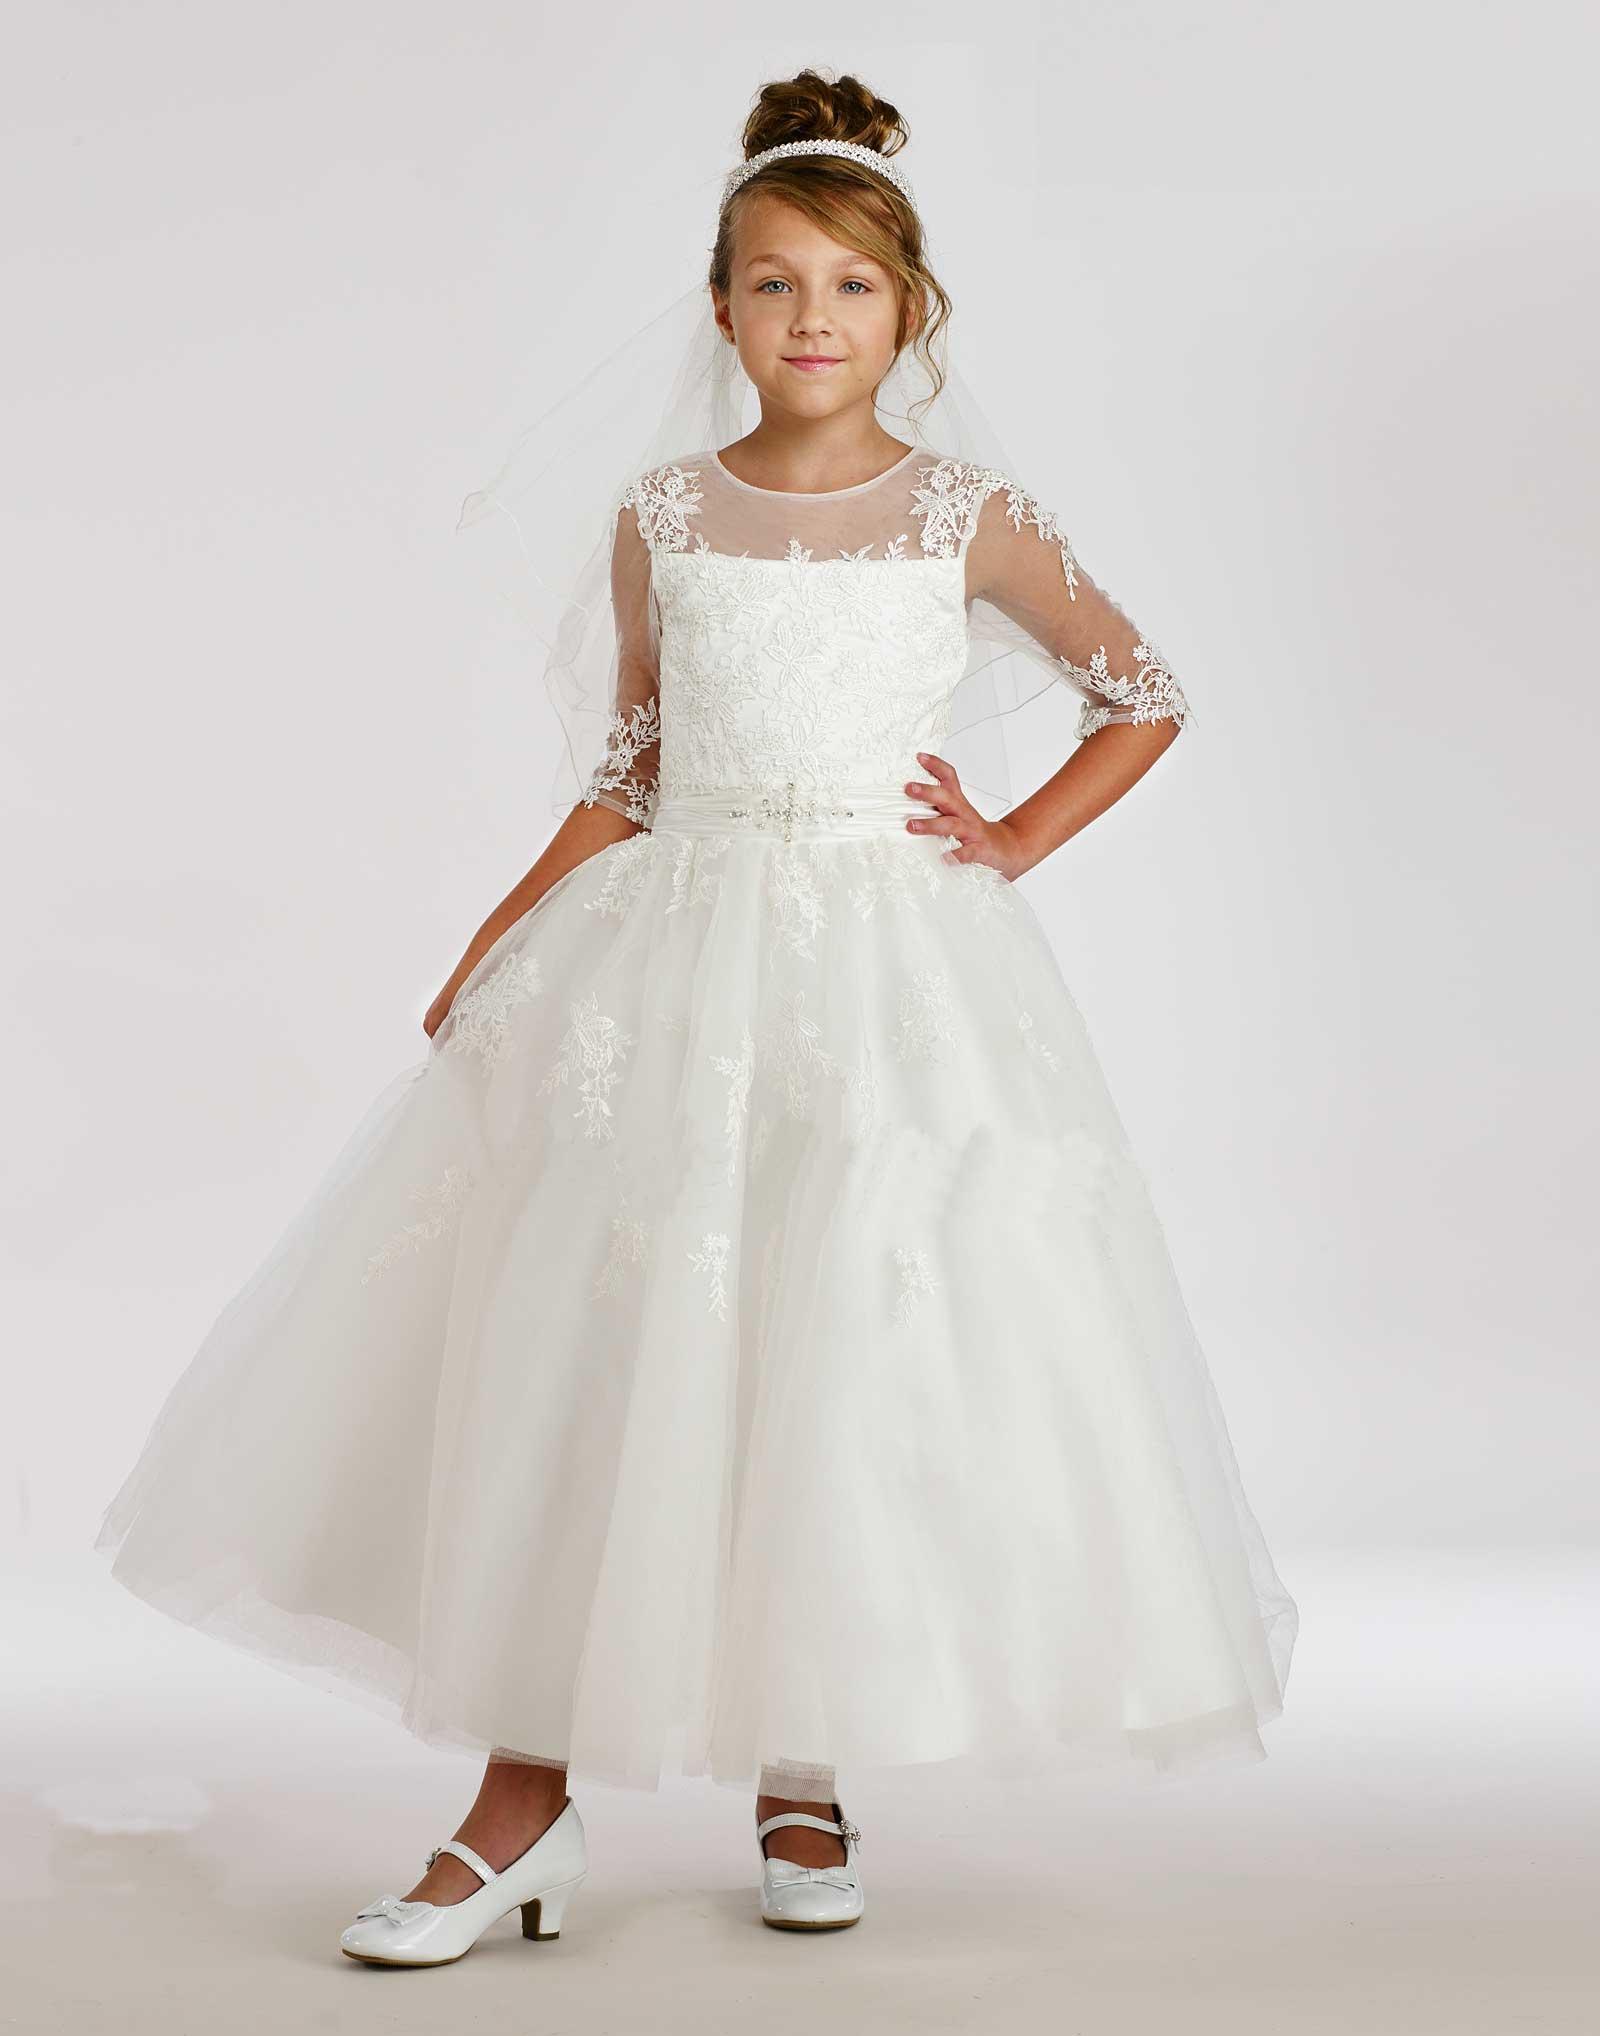 Buy Girls Dresses Online